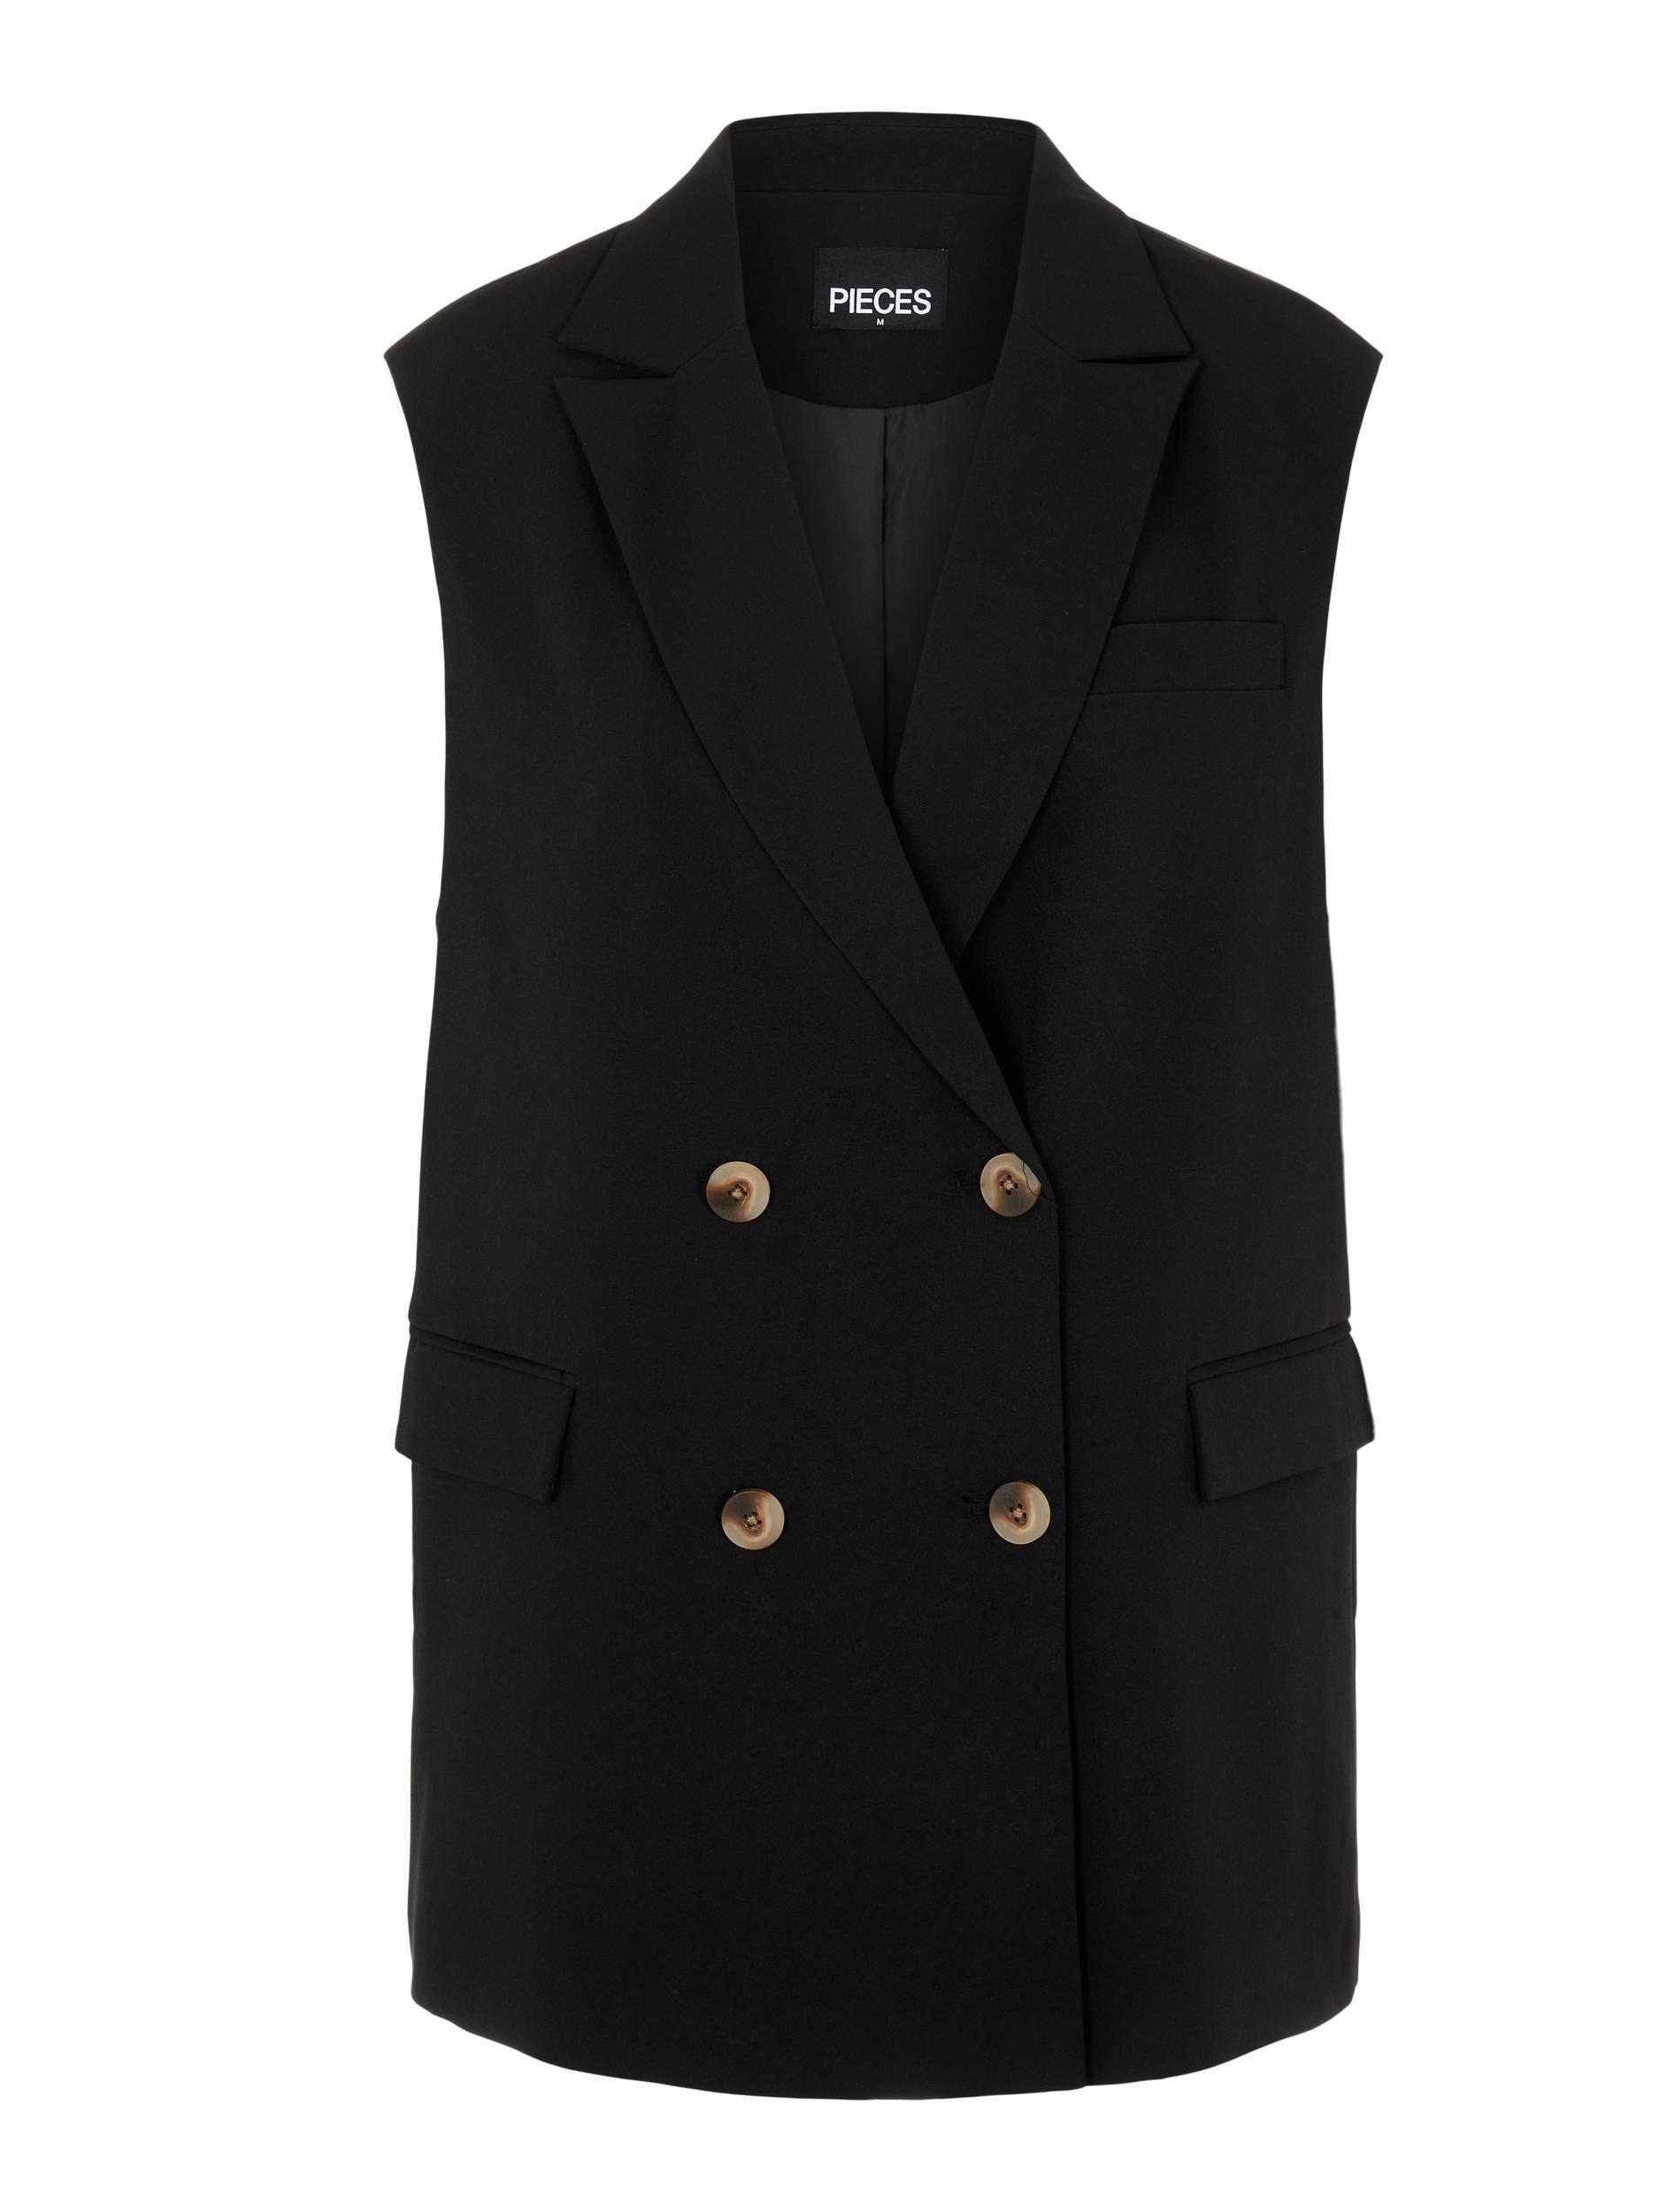 Pieces Monna vest, black, small